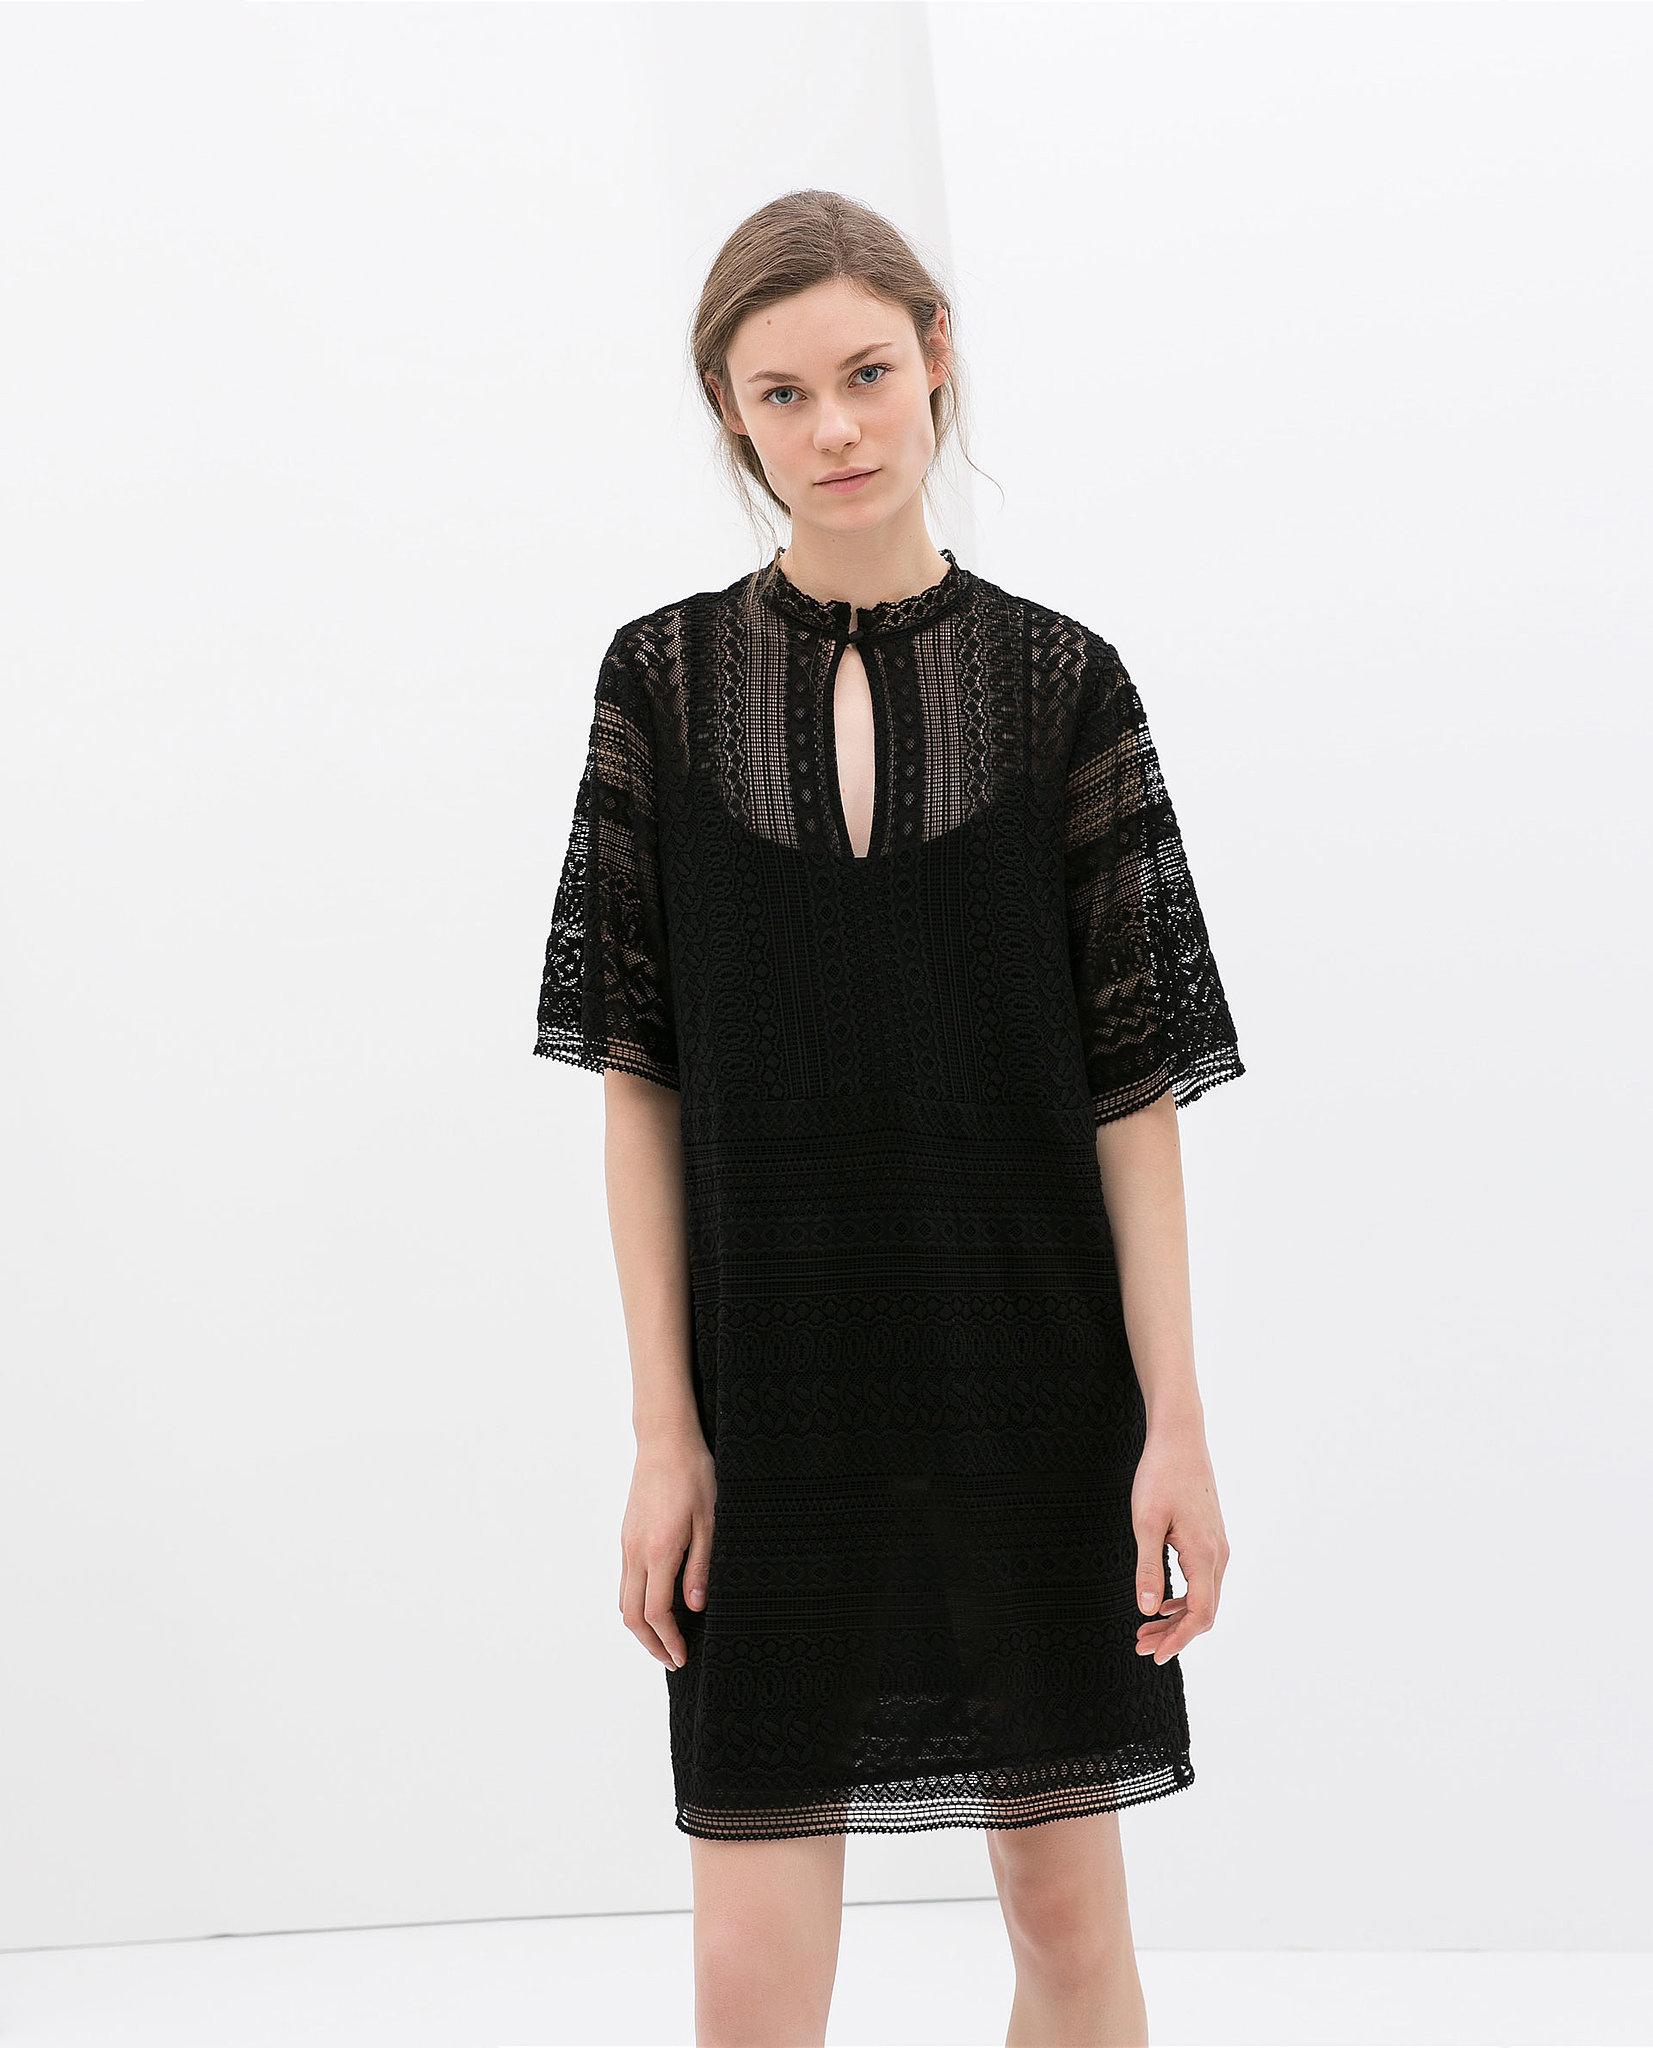 Zara Black Crochet Dress ($80)